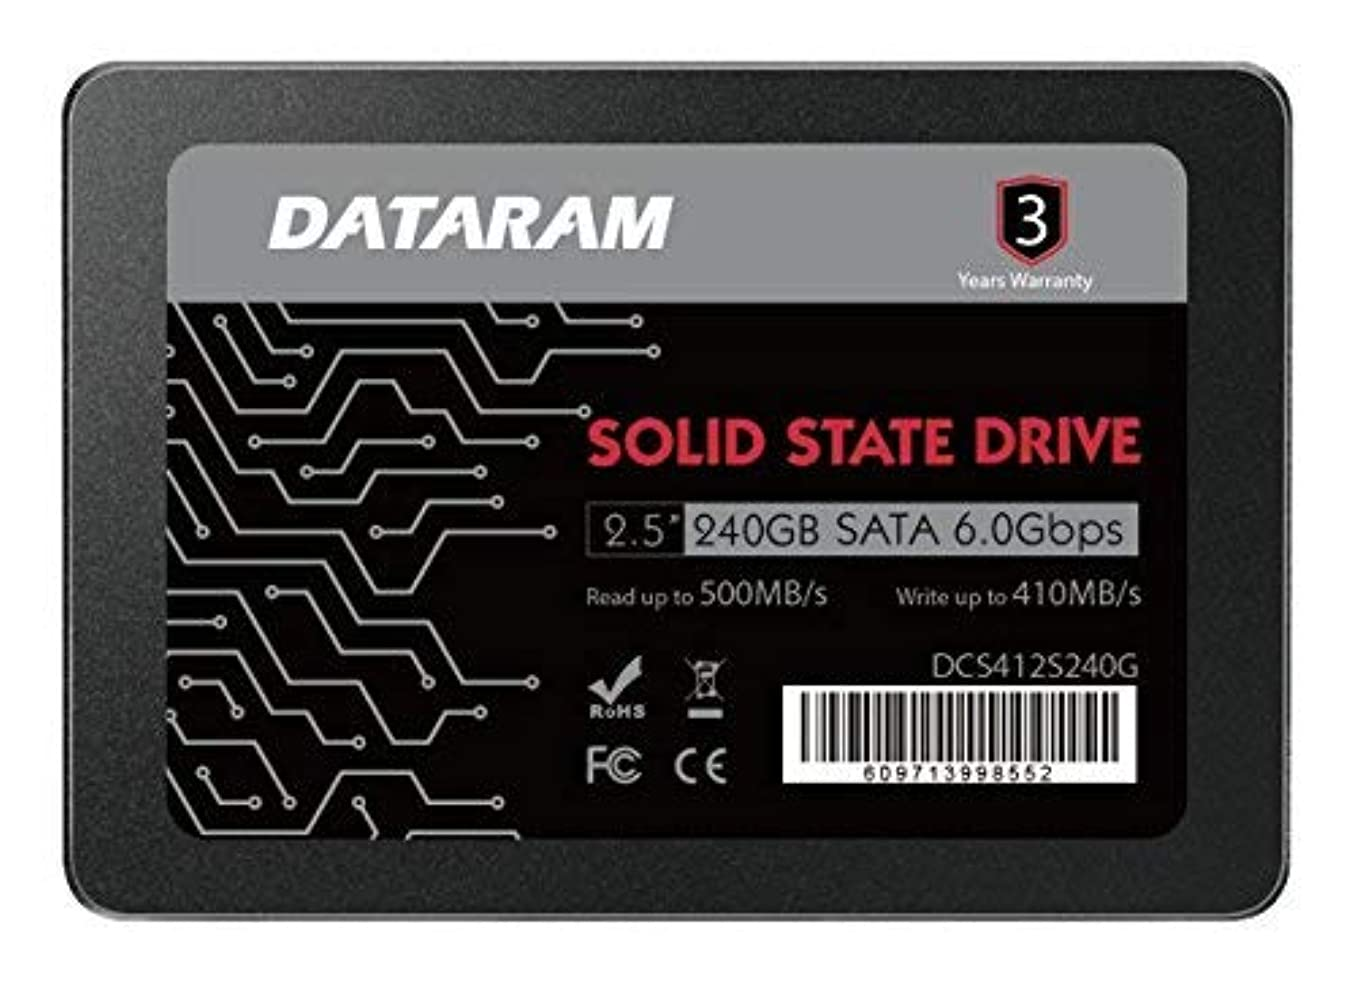 に渡って詳細なこれらDATARAM 240GB 2.5